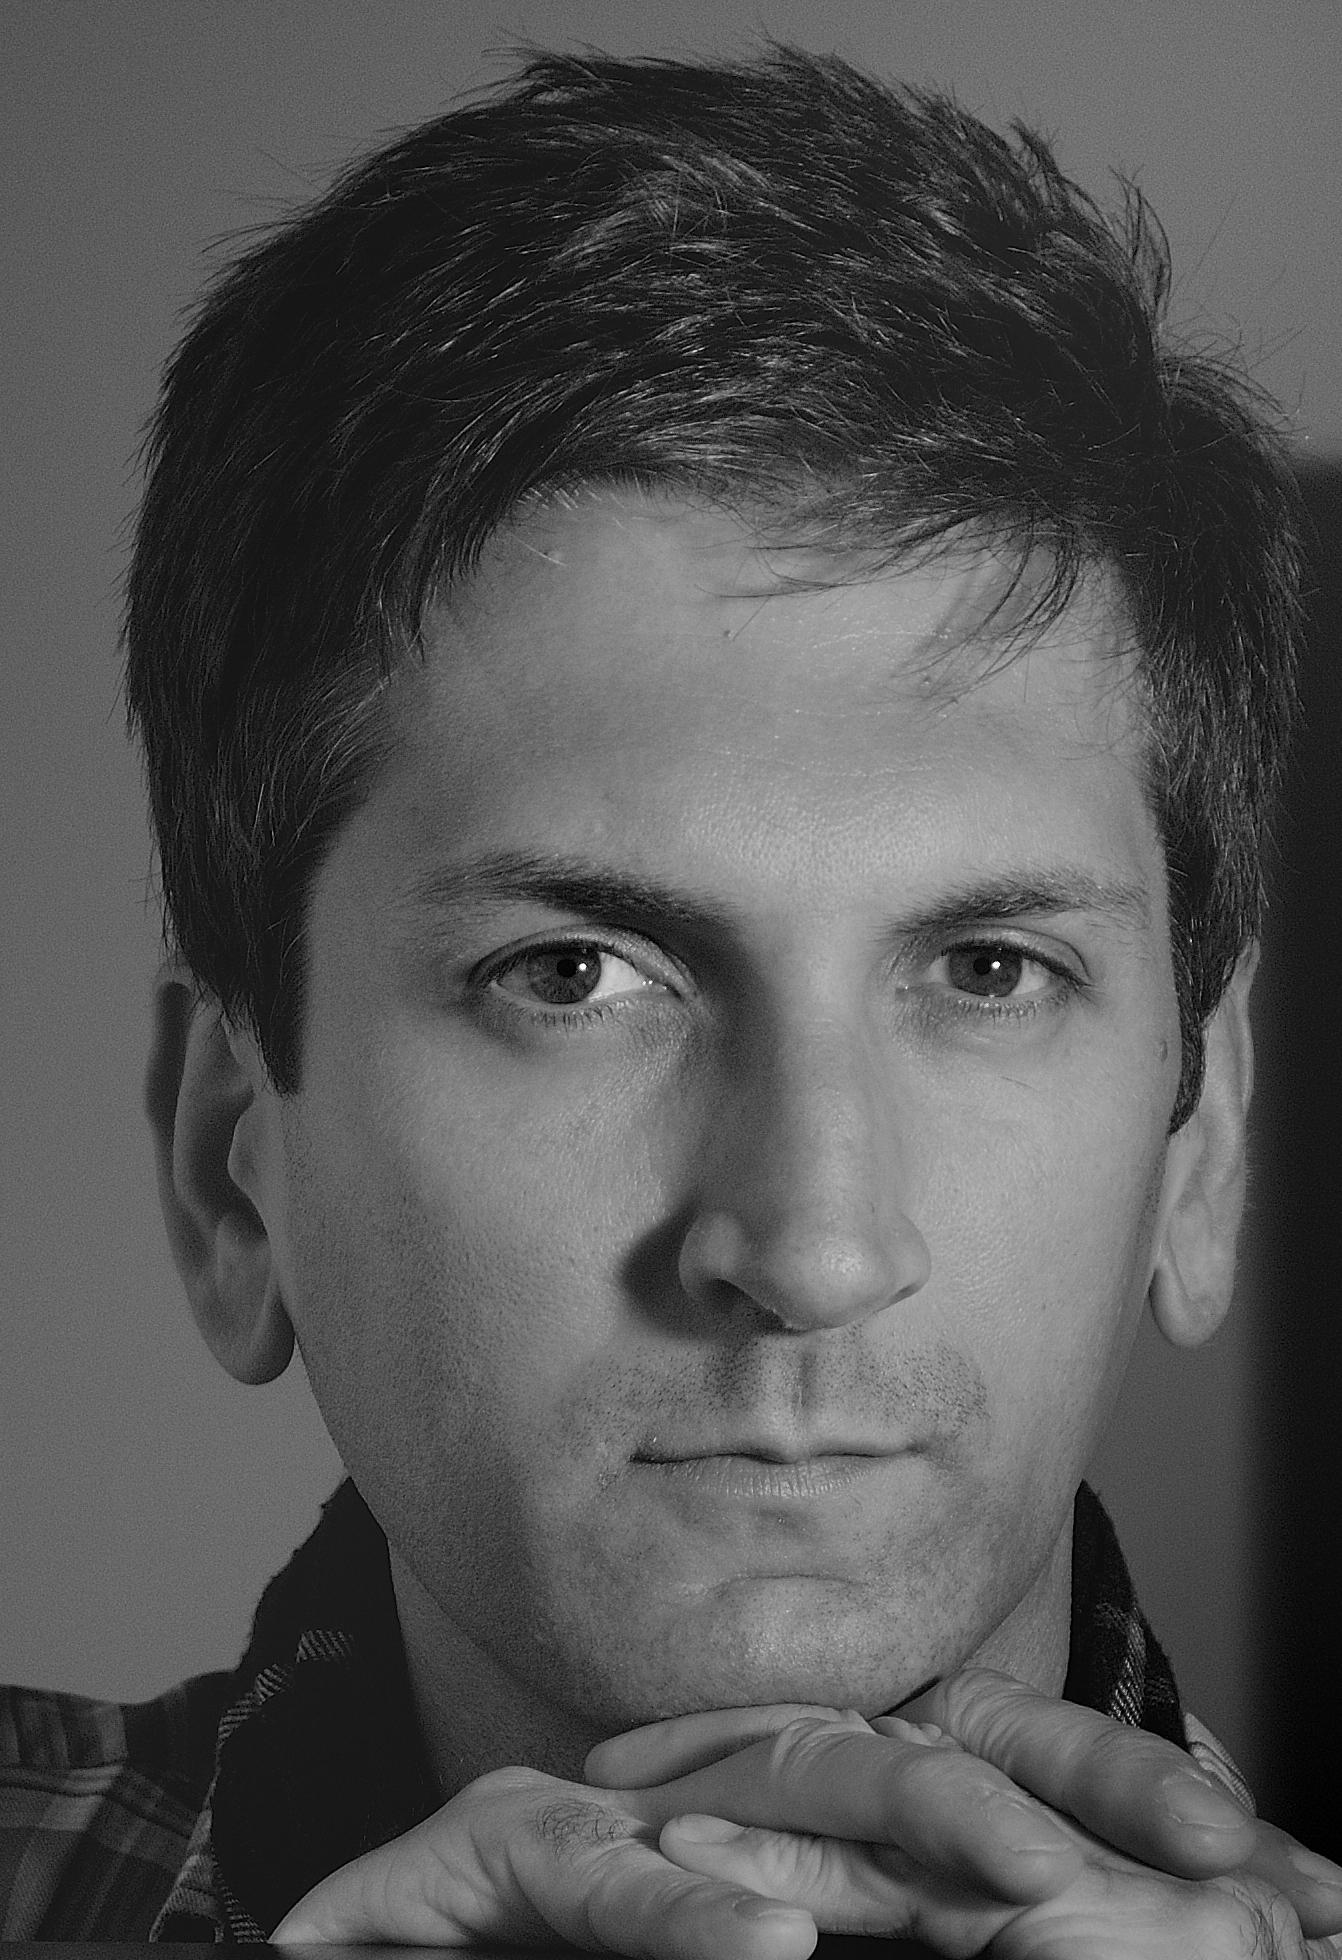 Matteo Baruchello